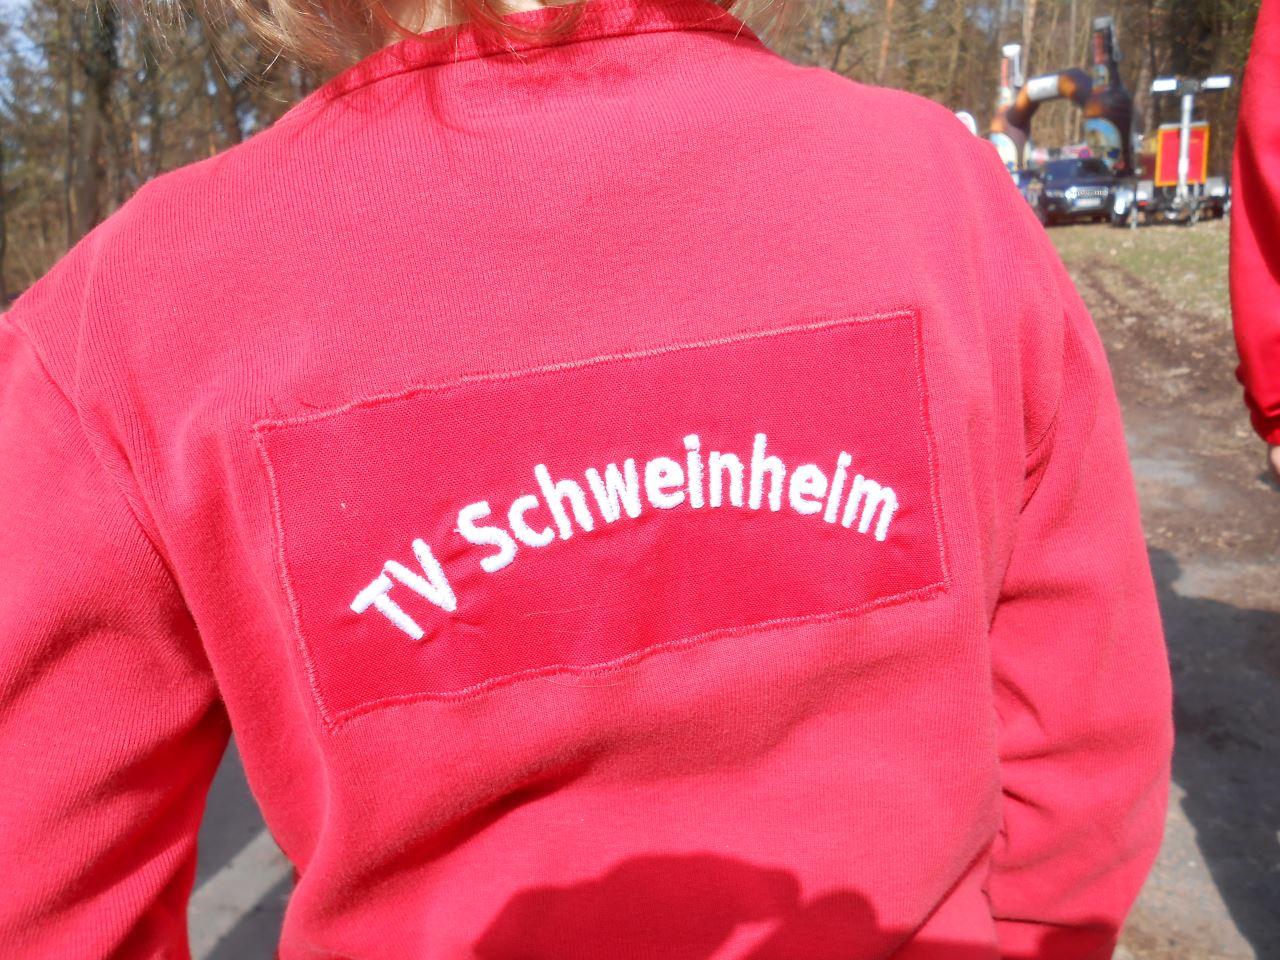 TV Schweinheim Leichtathletik beim Engelberglauf Großheubach 2018